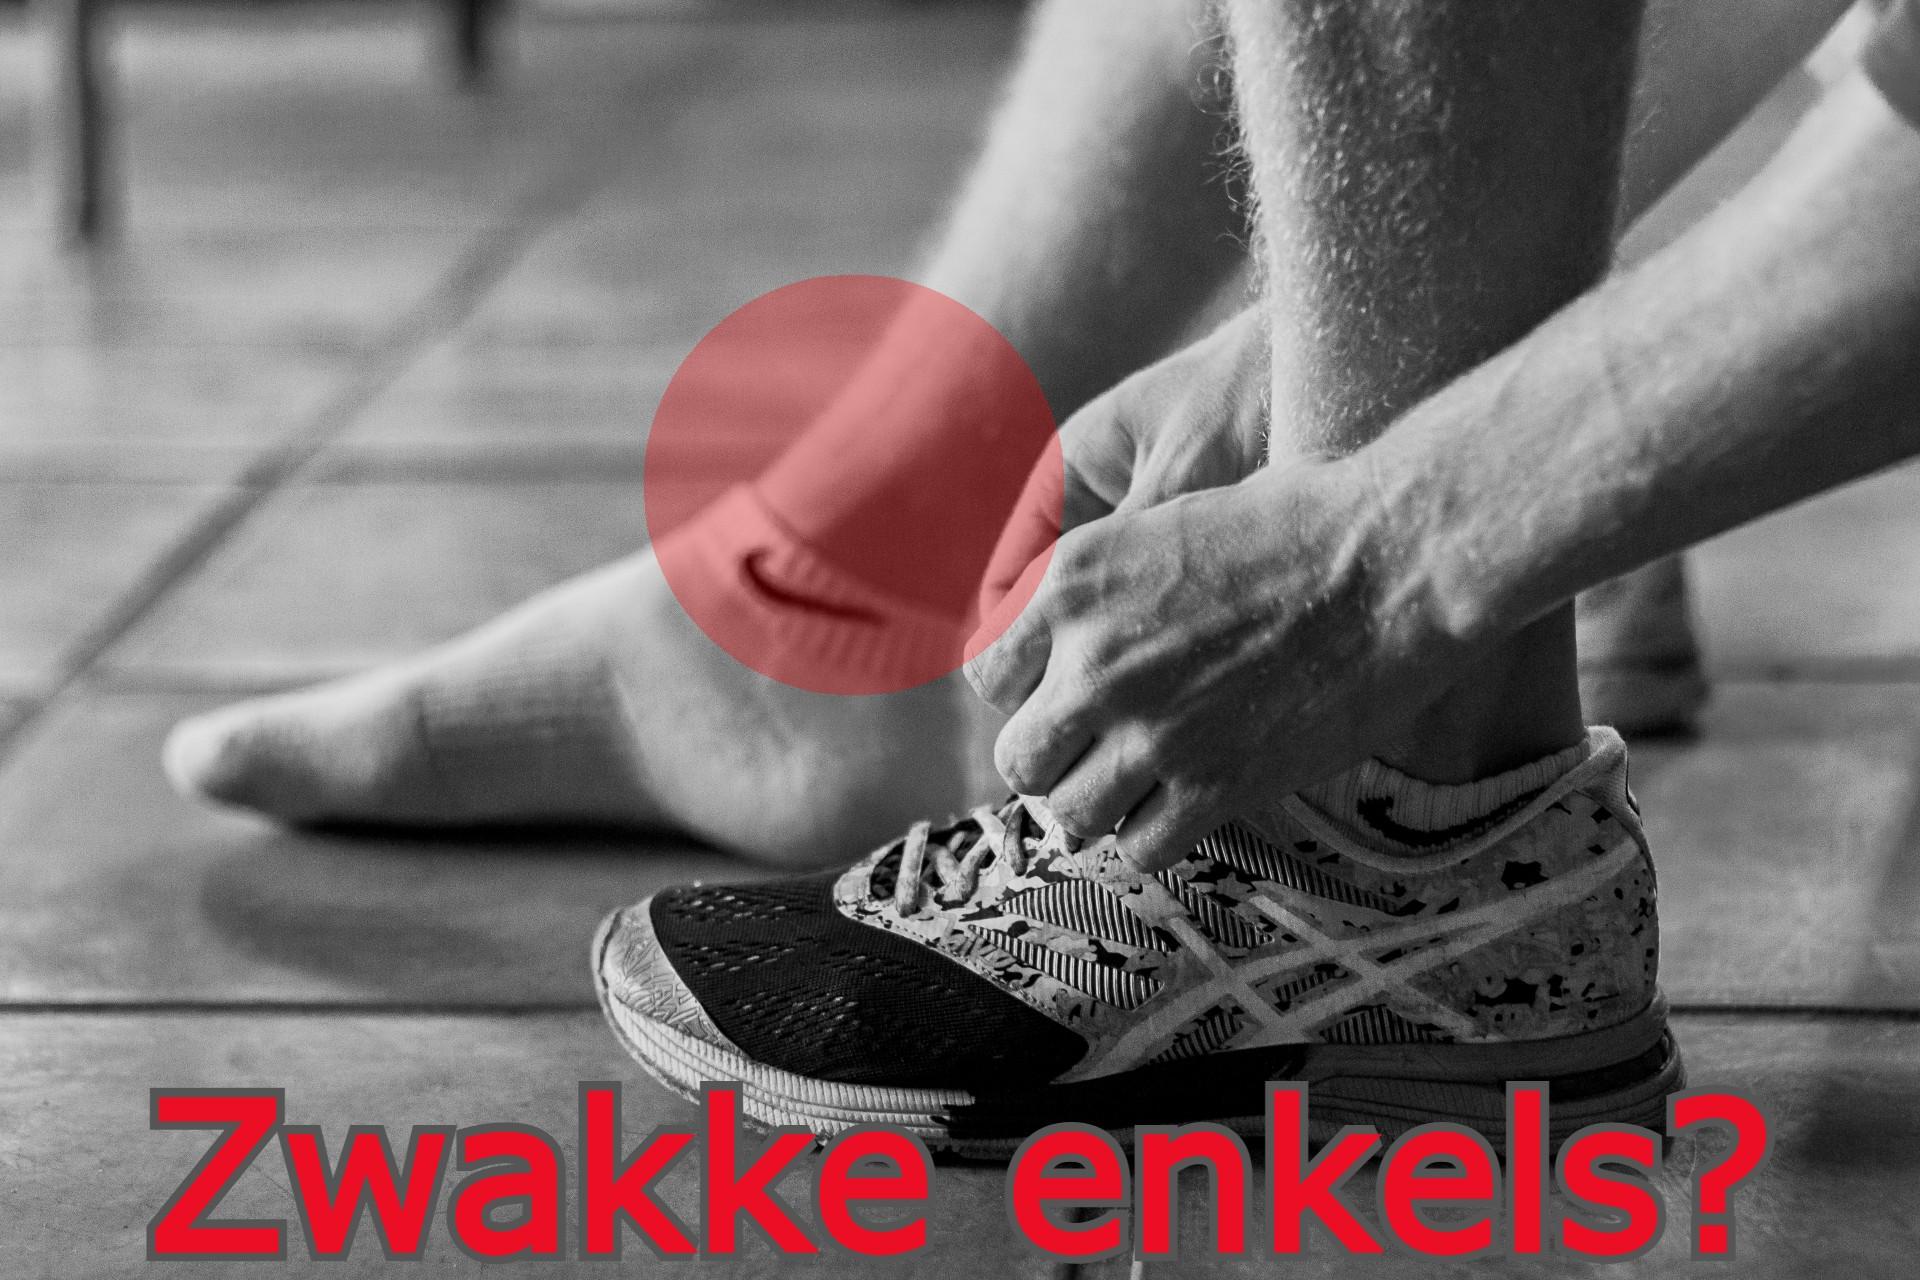 zwakke enkel verstuiking verzwikken personal trainer Enschede sport Marloes